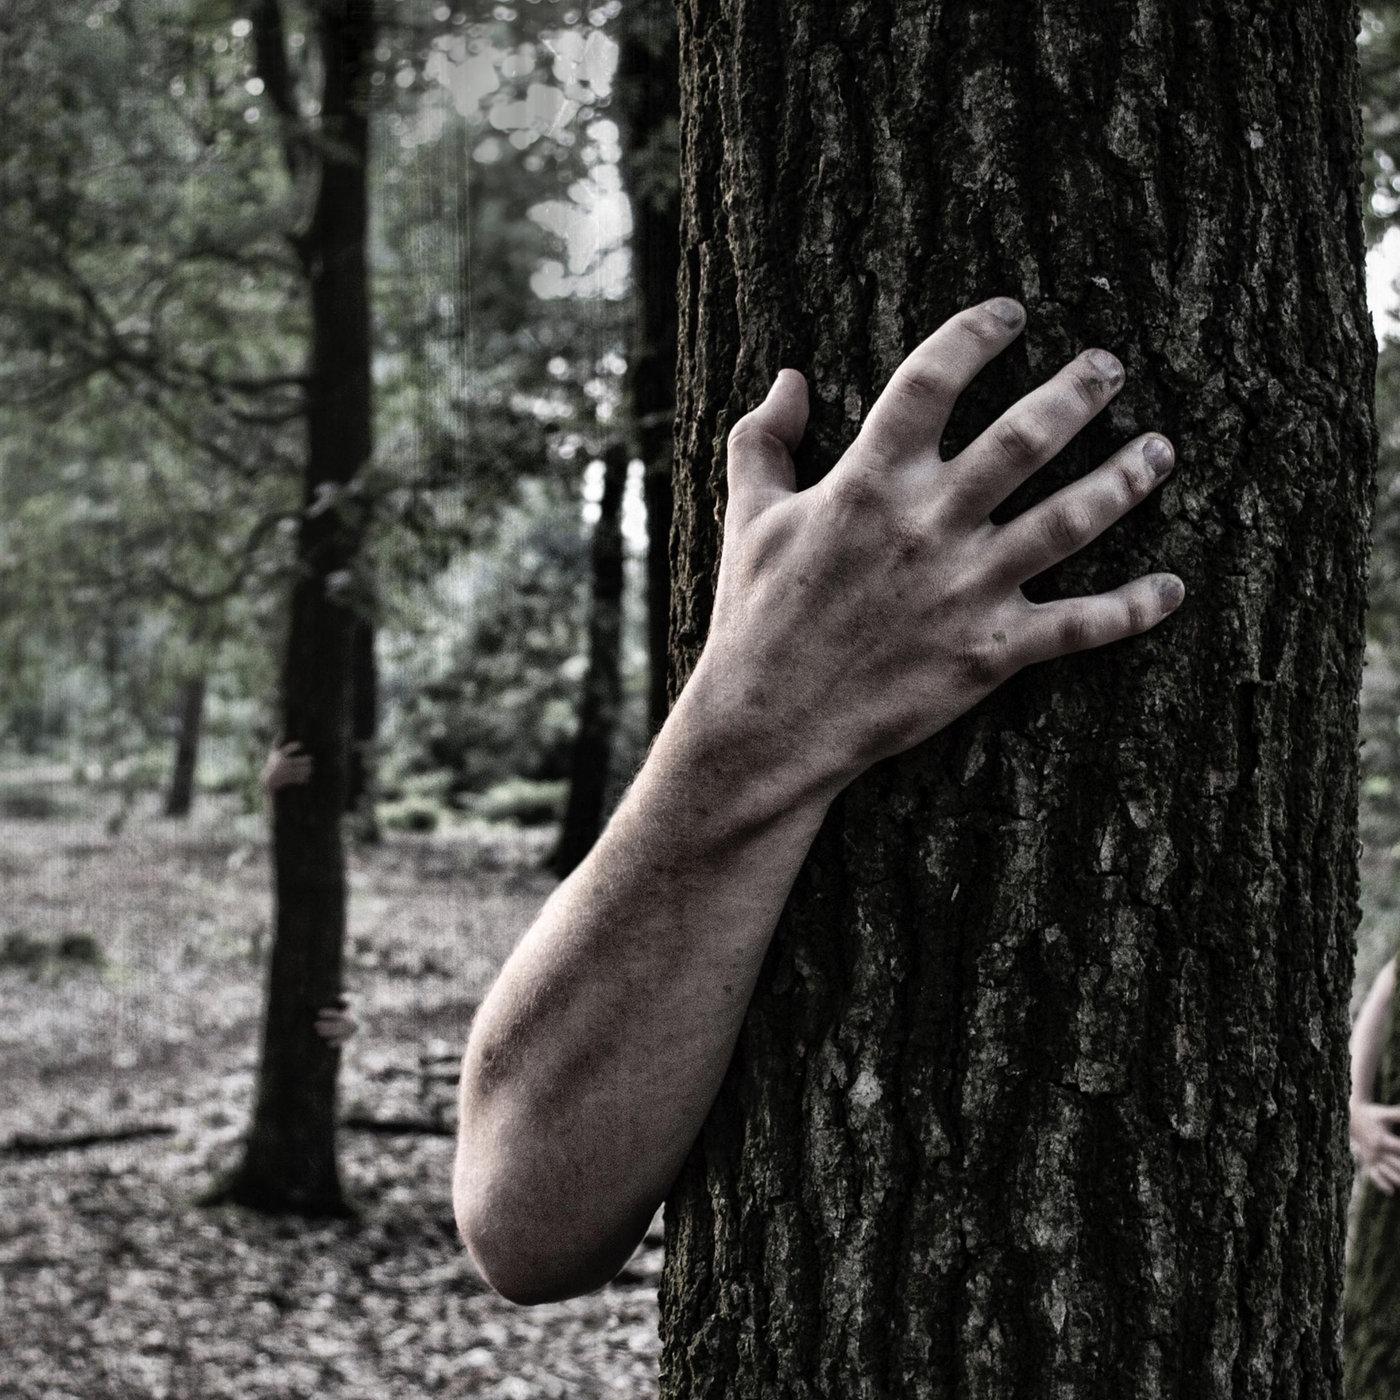 Unser Leben in den Wäldern - Auf der Flucht vorm totalen Staat